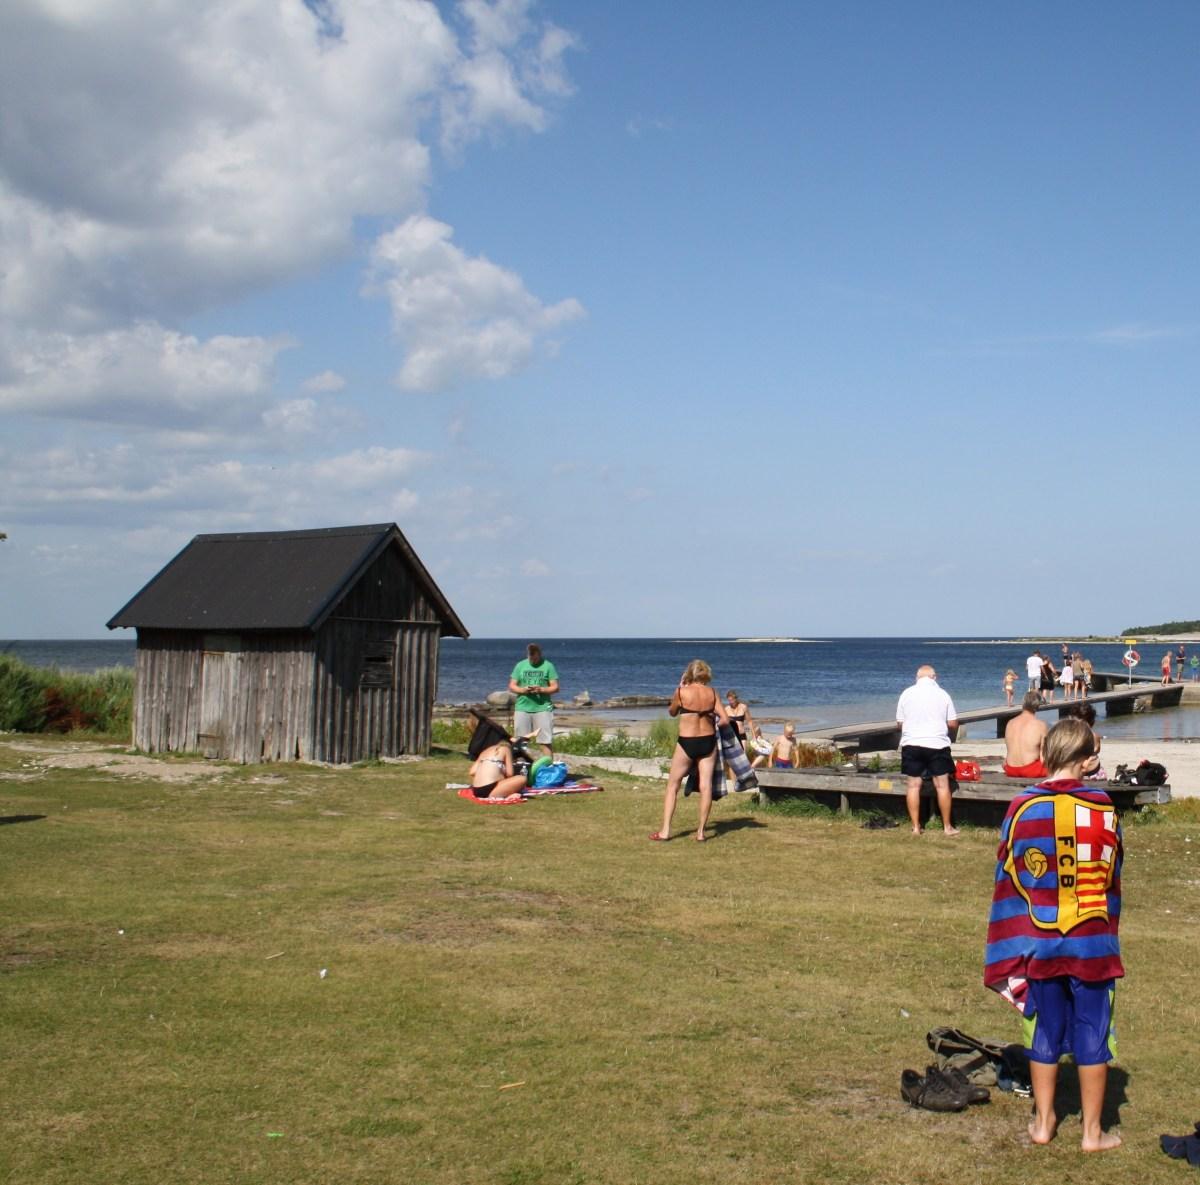 gotland beach